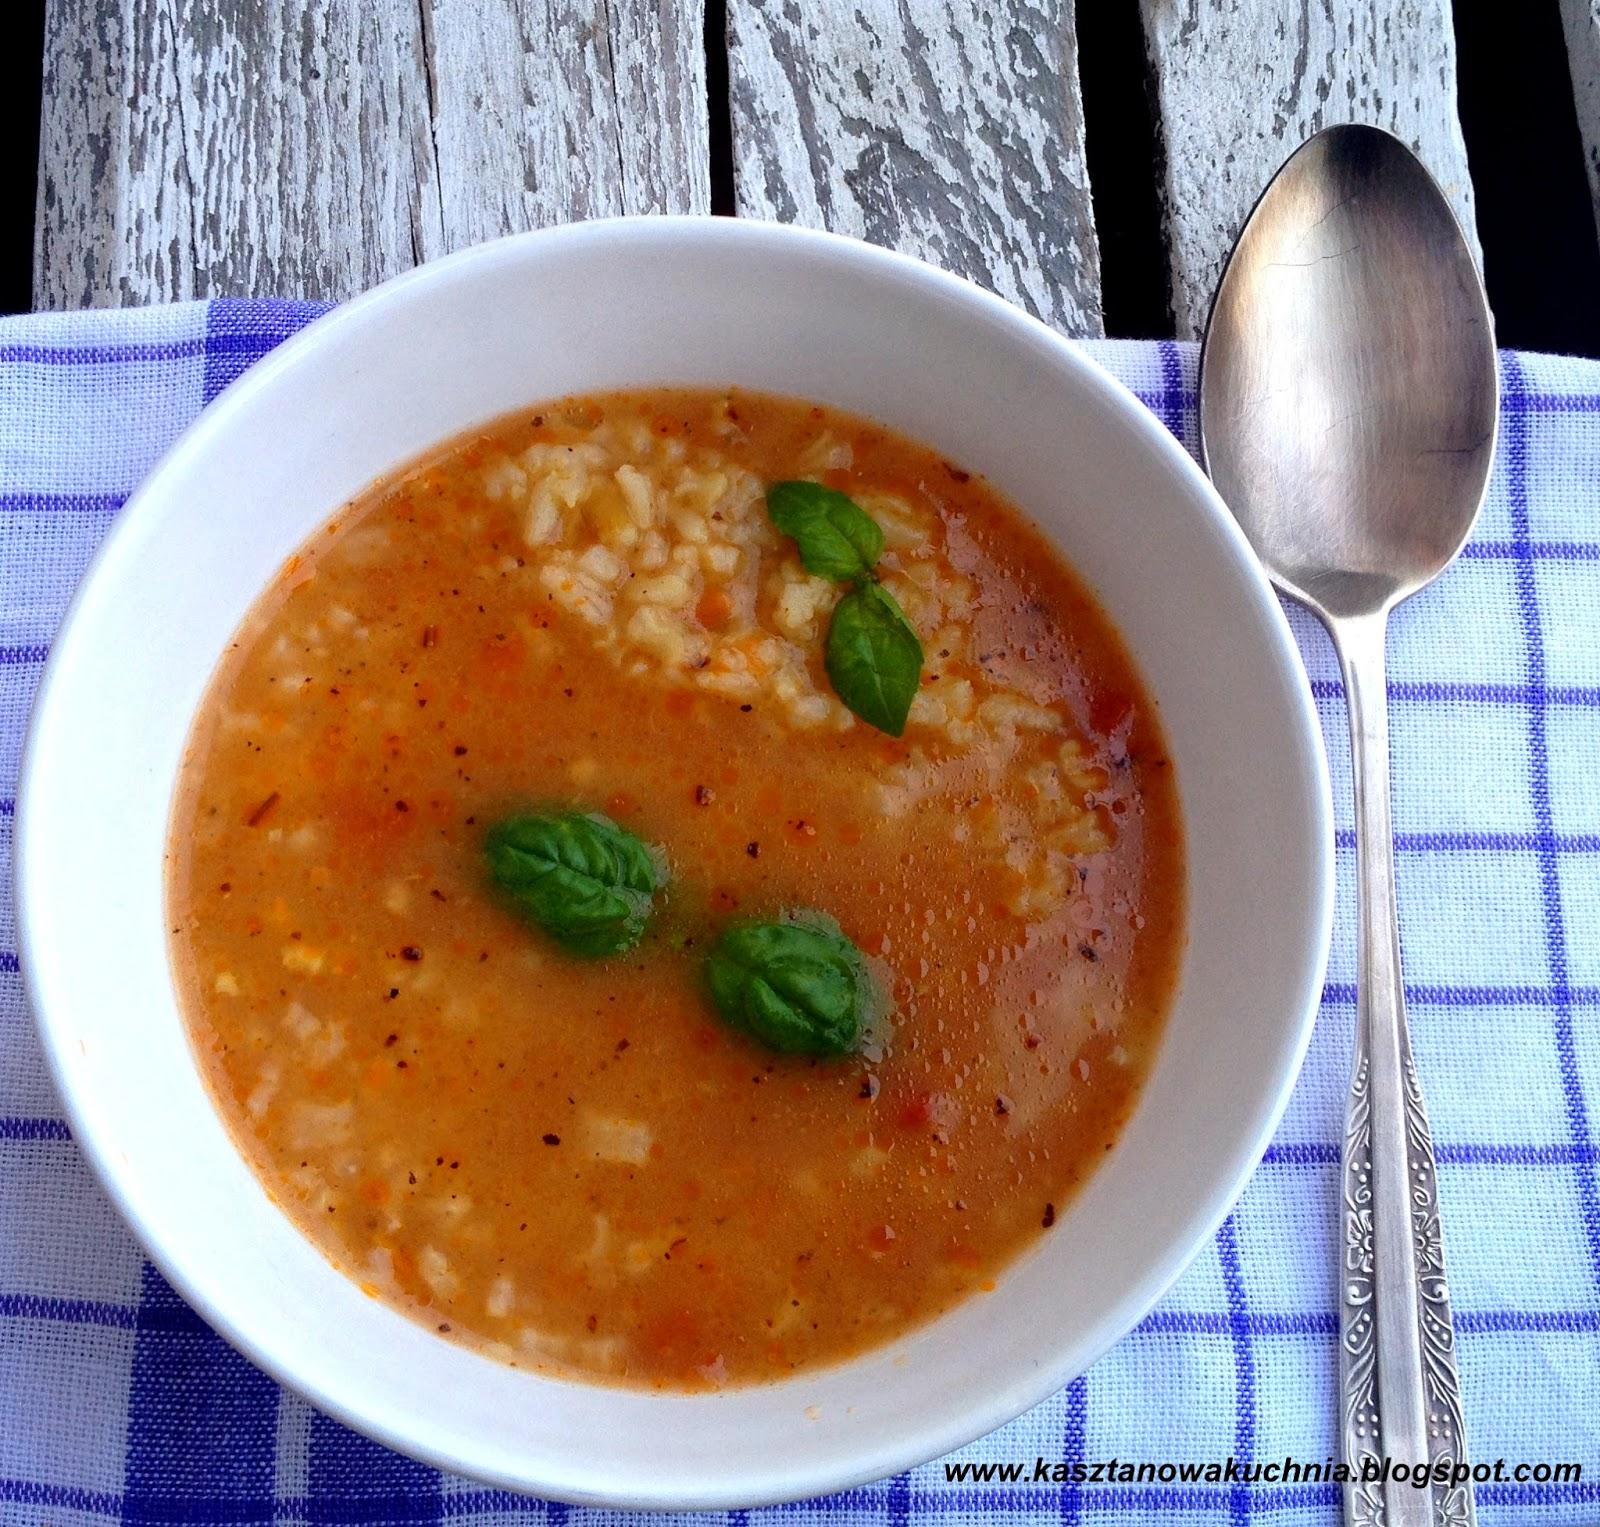 Kasztanowa Kuchnia Zupa Pomidorowa 11 Wloska